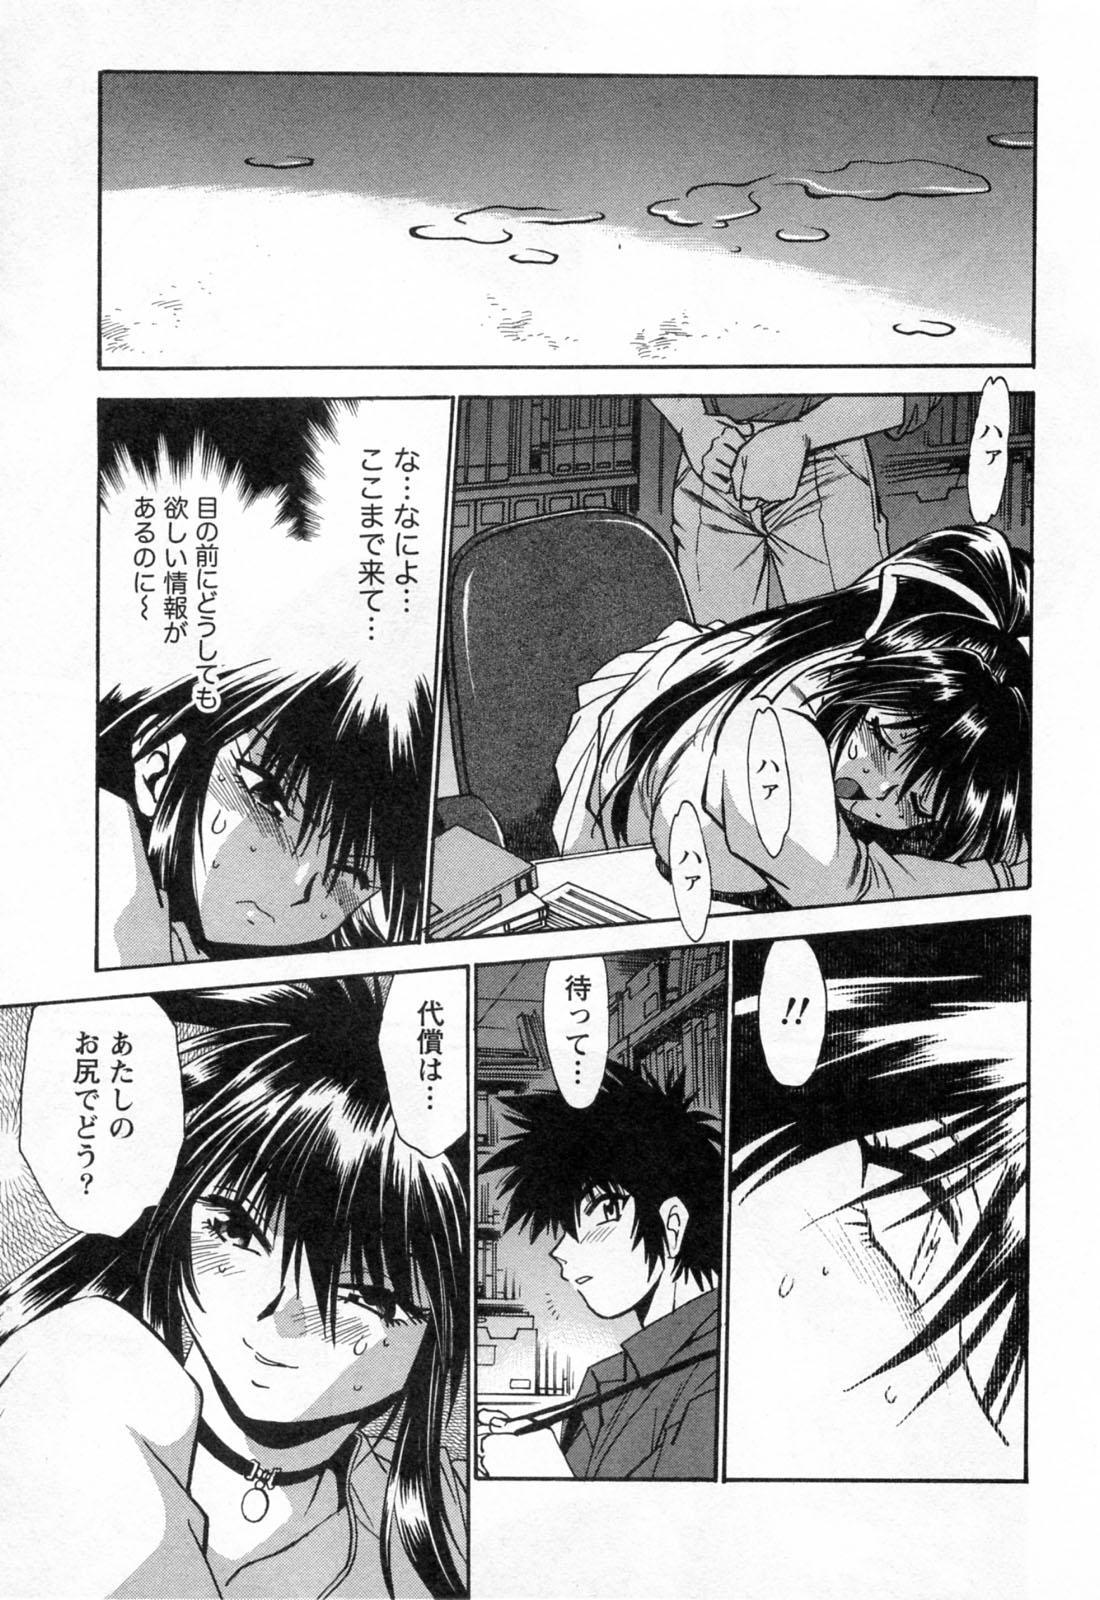 Makunouchi Deluxe 3 24